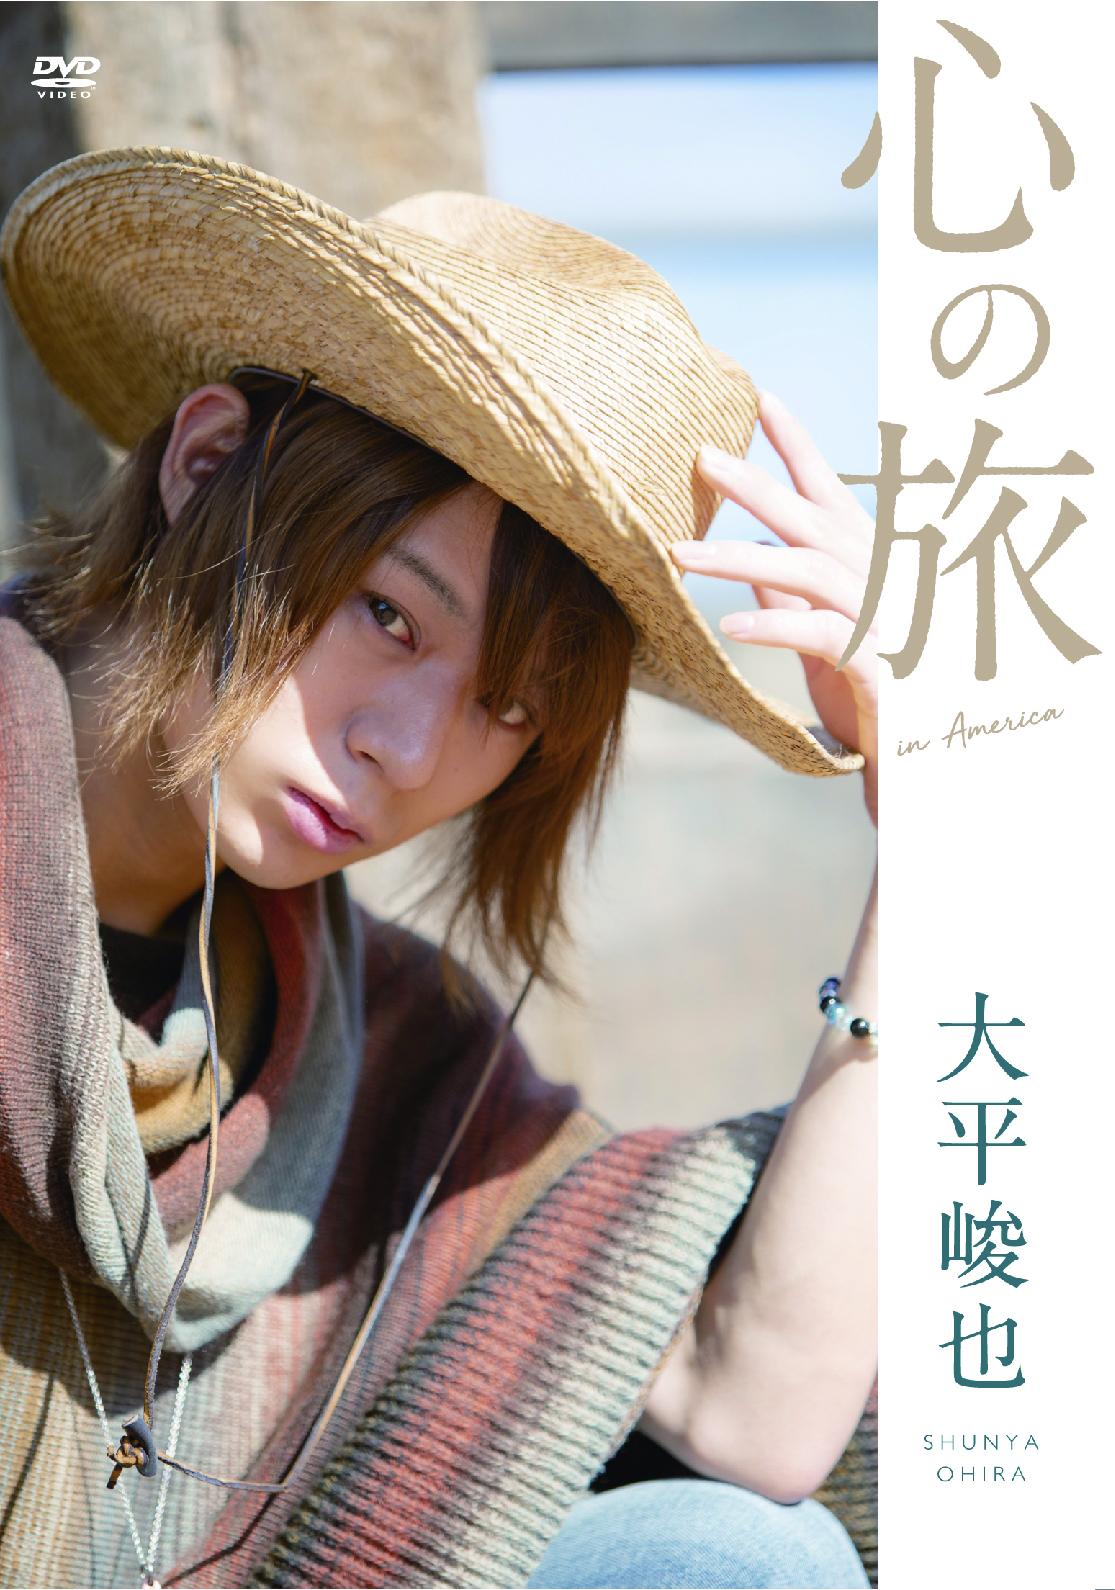 アザージャケット&チェキ付き大平峻也1st DVD「心の旅」